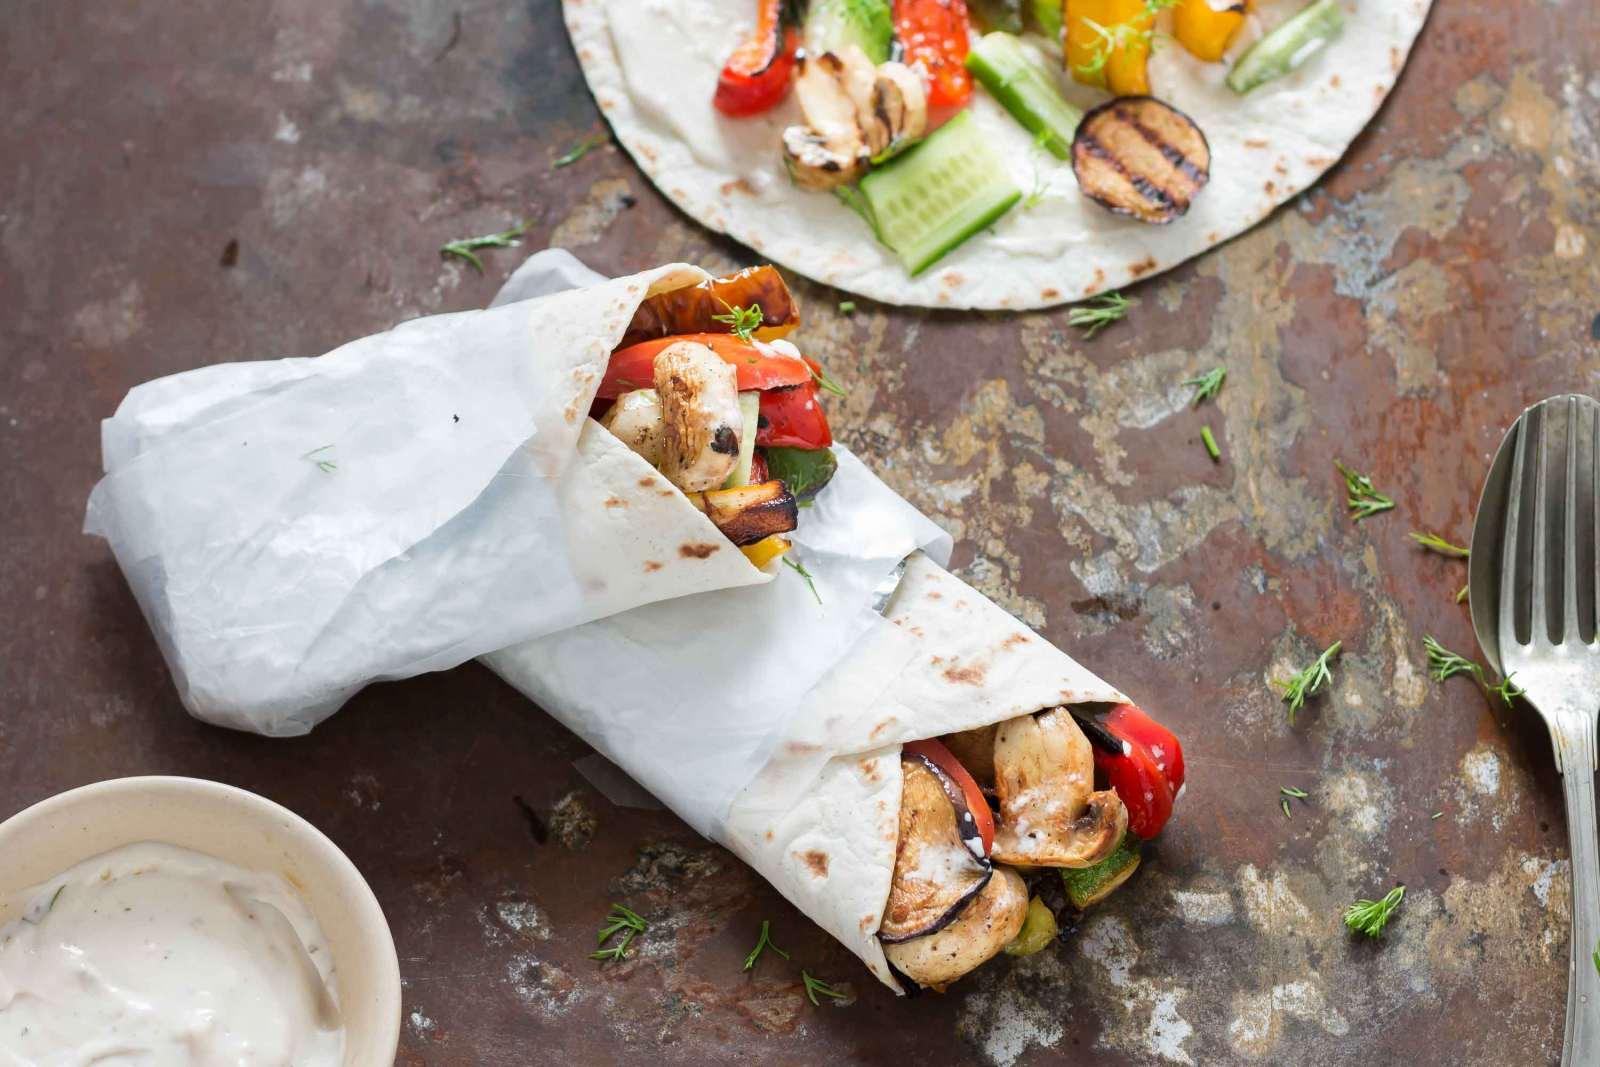 Vegetarian Grilled Gyros Recipe